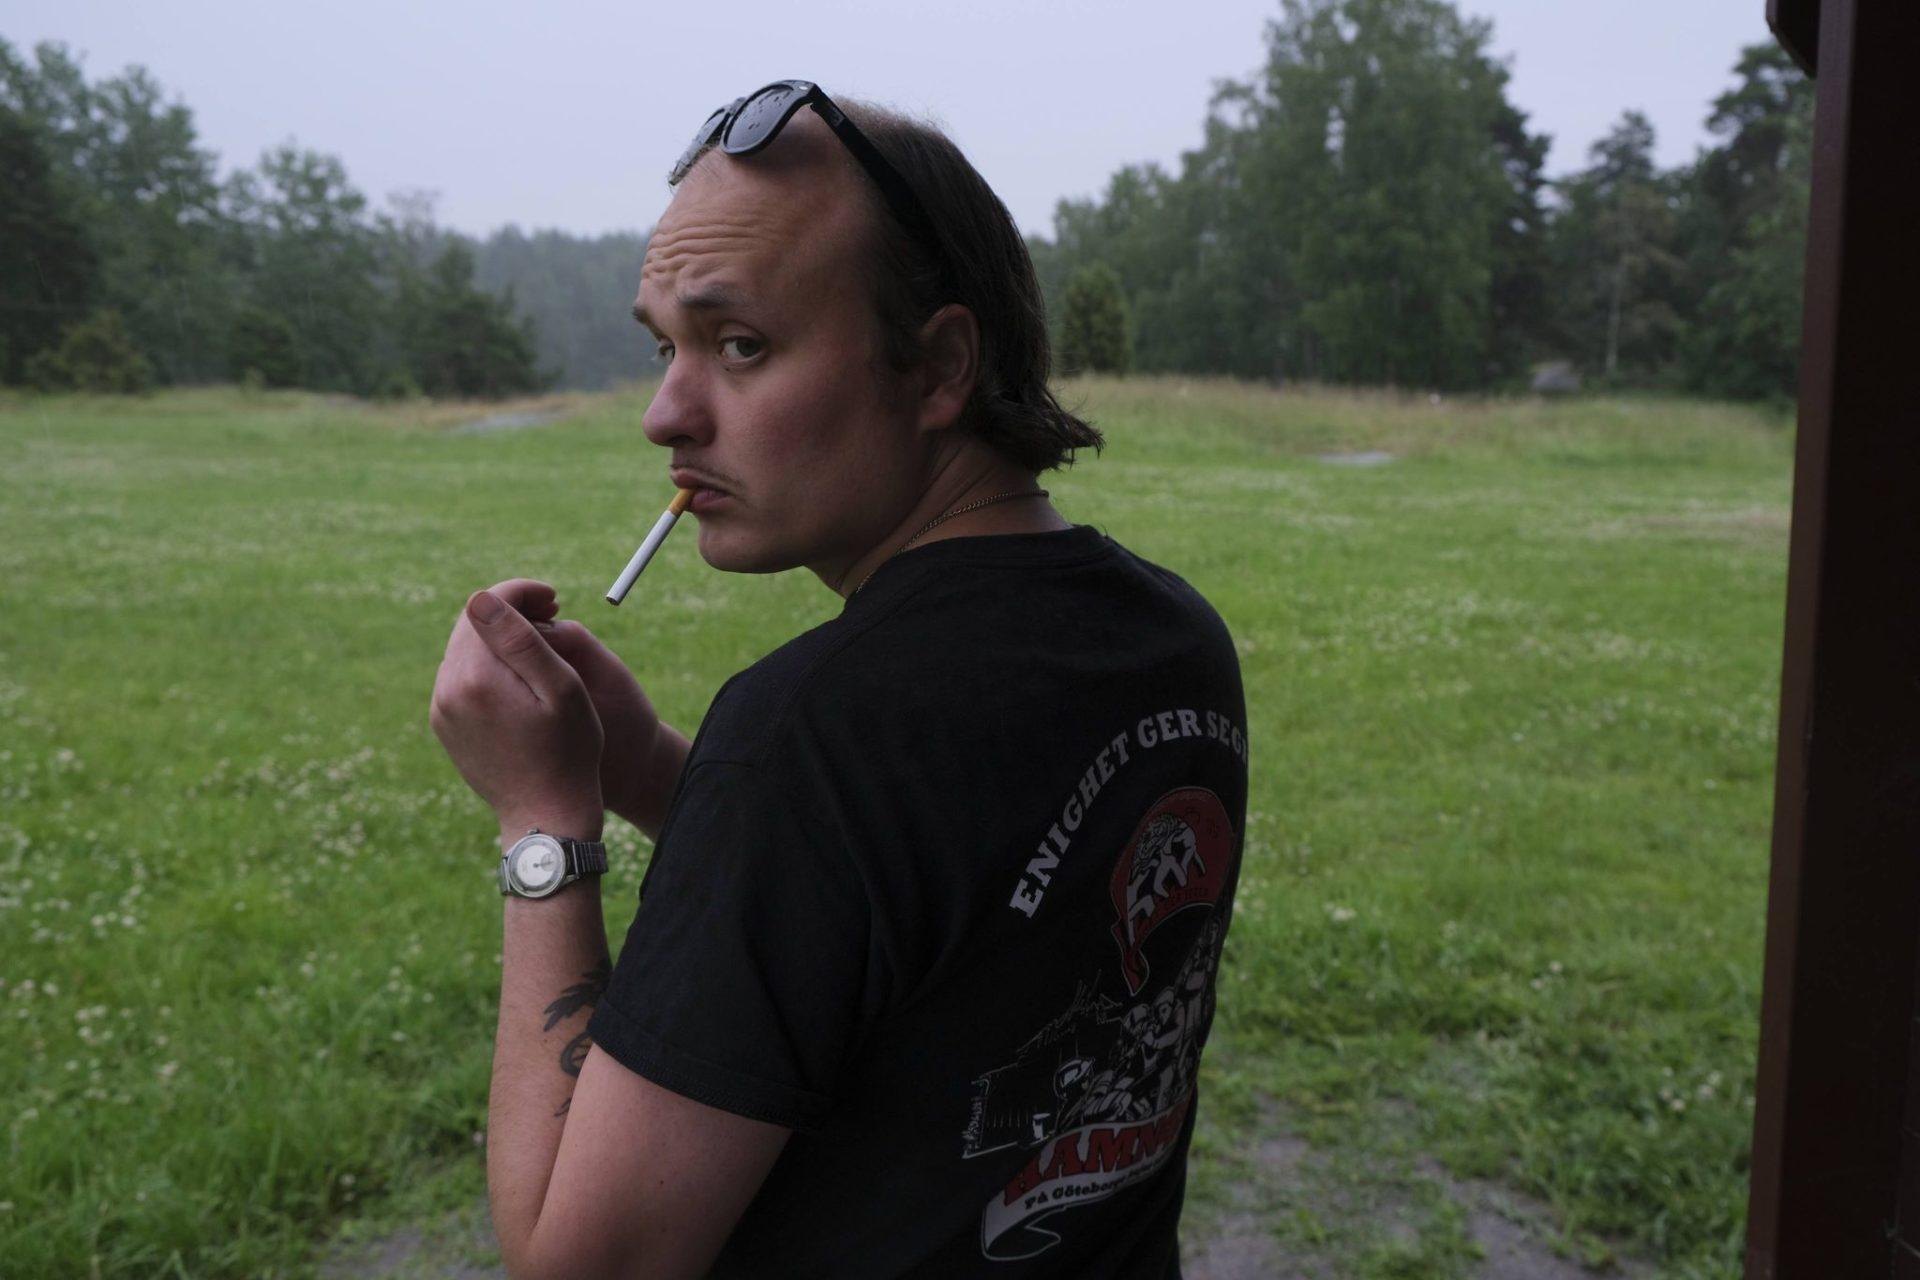 David Ritschard halvt bortvänd, tänder en cigarett.